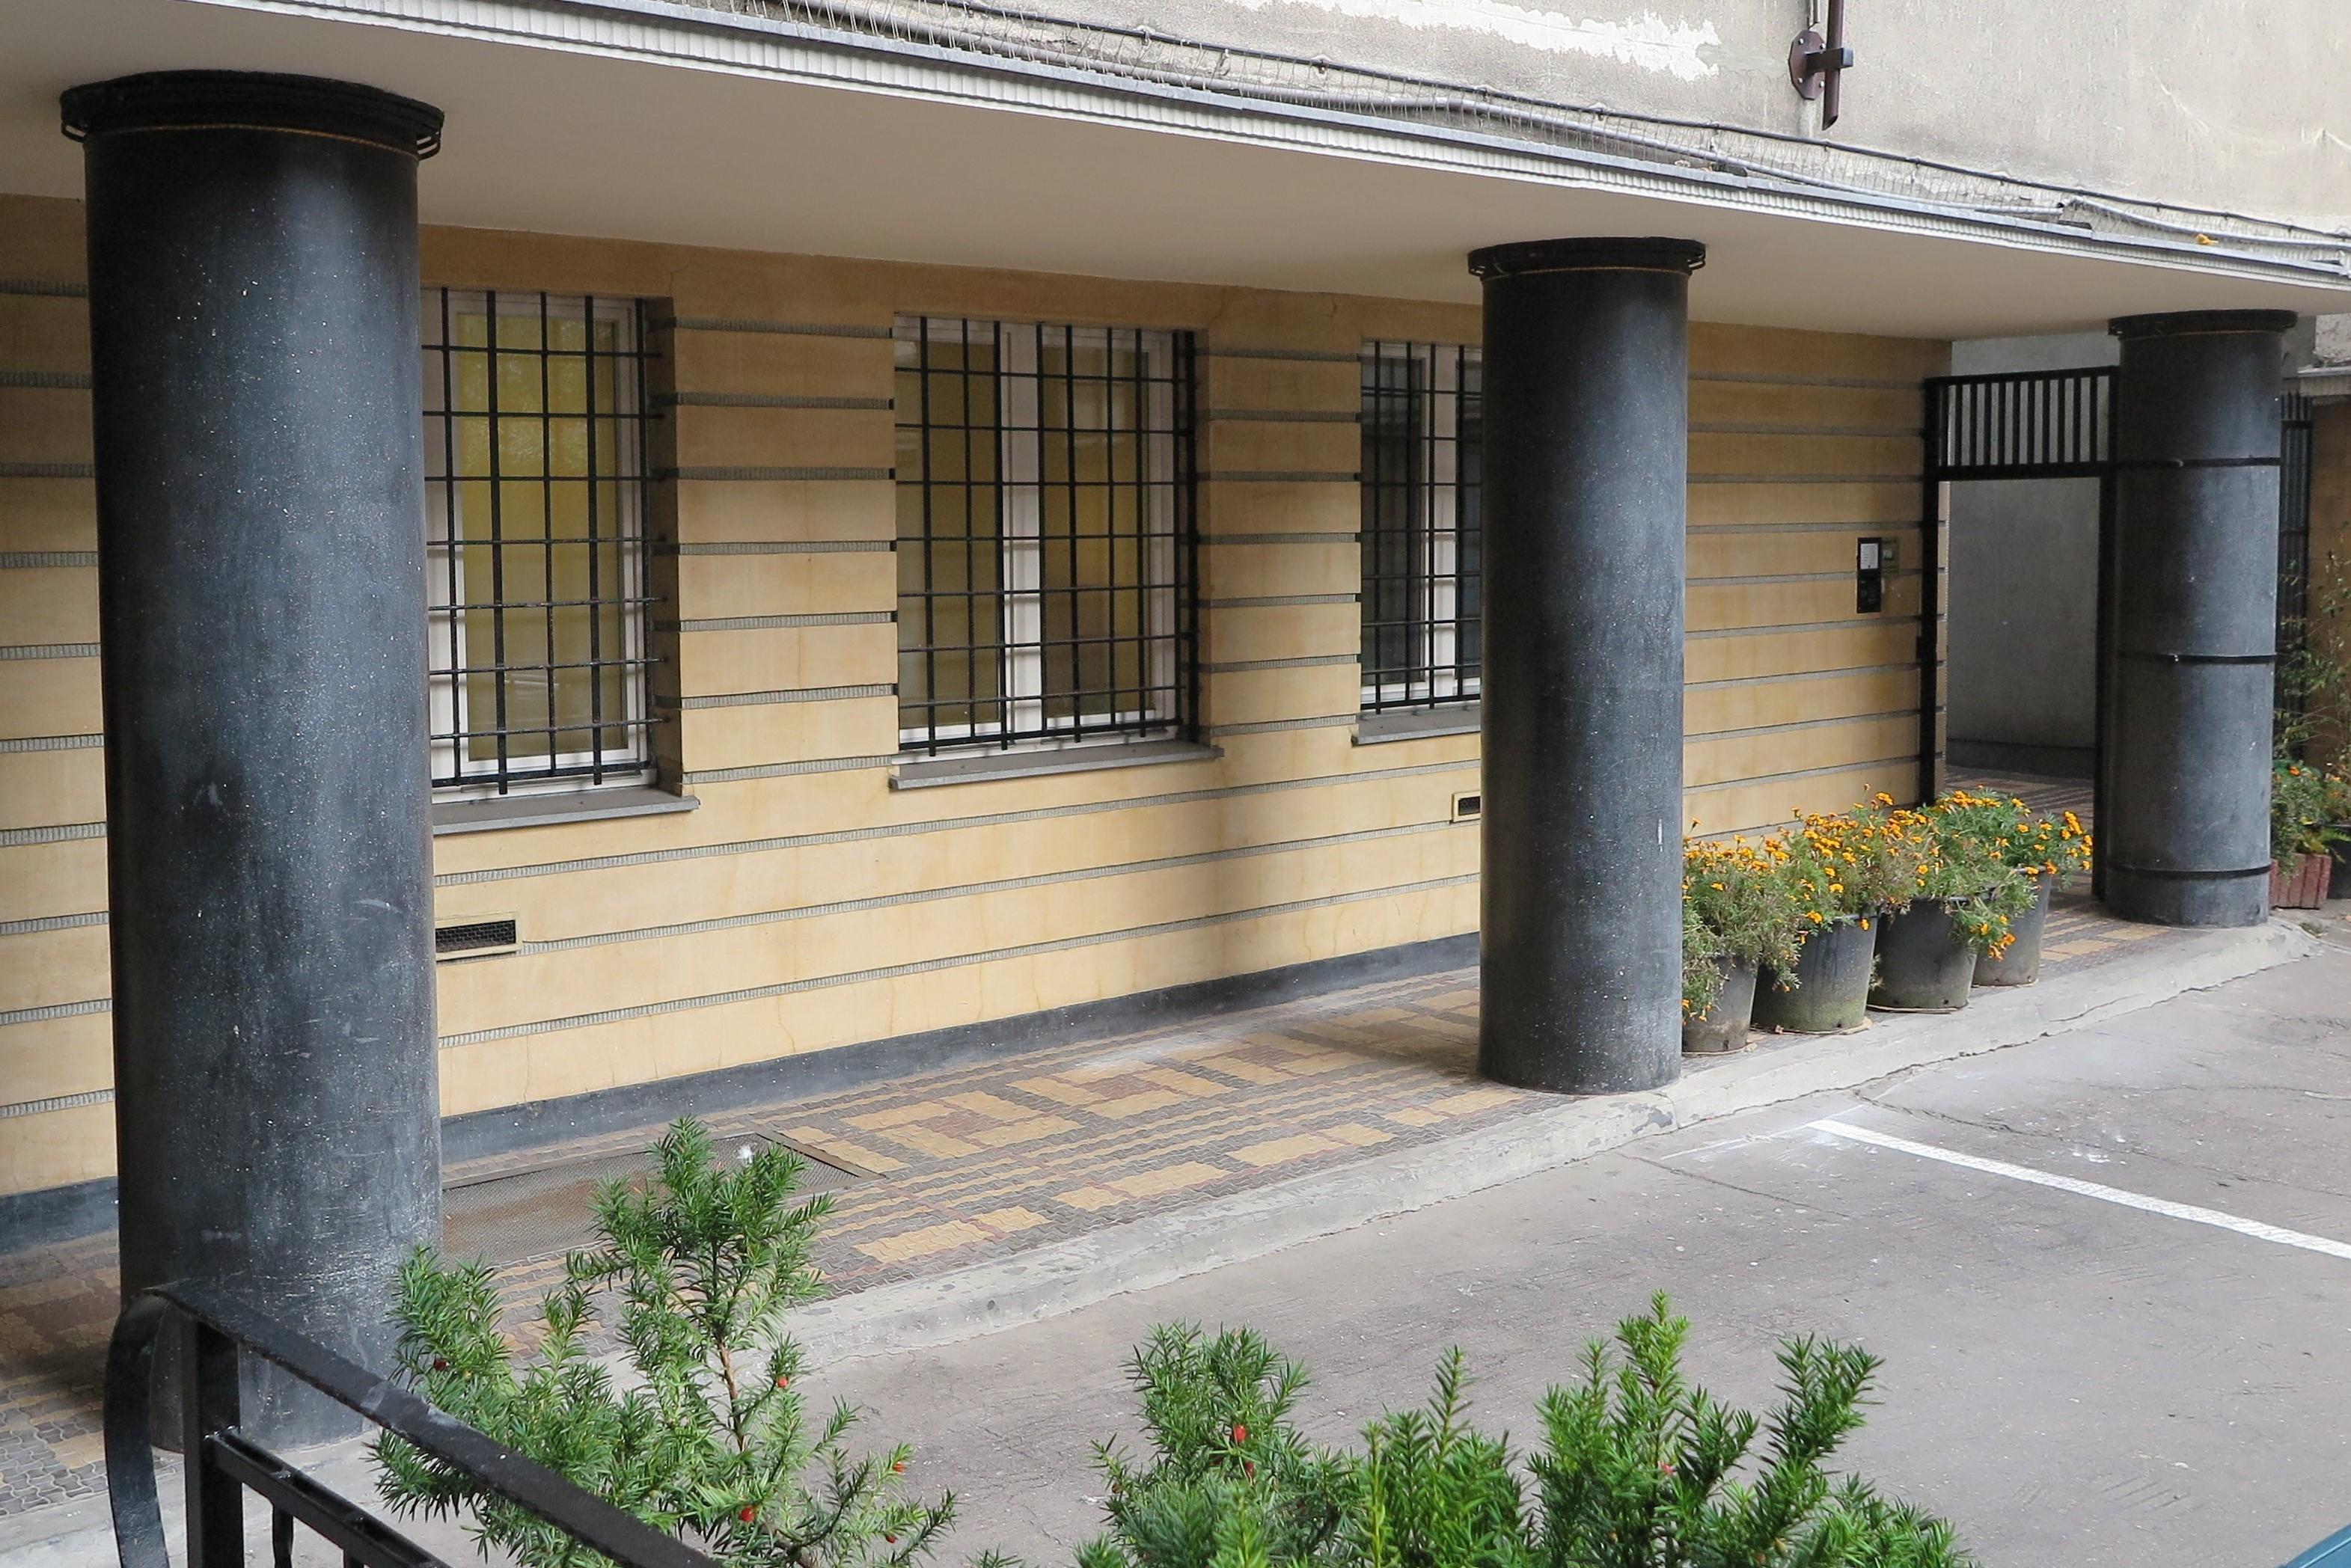 Wykończenie tynkarskie podcienia w budynku przy ul. 3 Maja 27-31 z tynkami szlifowanymi imitującymi kamień – żółtym na ścianie i czarnym na kolumnach. Jeden z najlepszych w Gdyni przykładów rzemiosła budowlanego z lat 30. XX w.